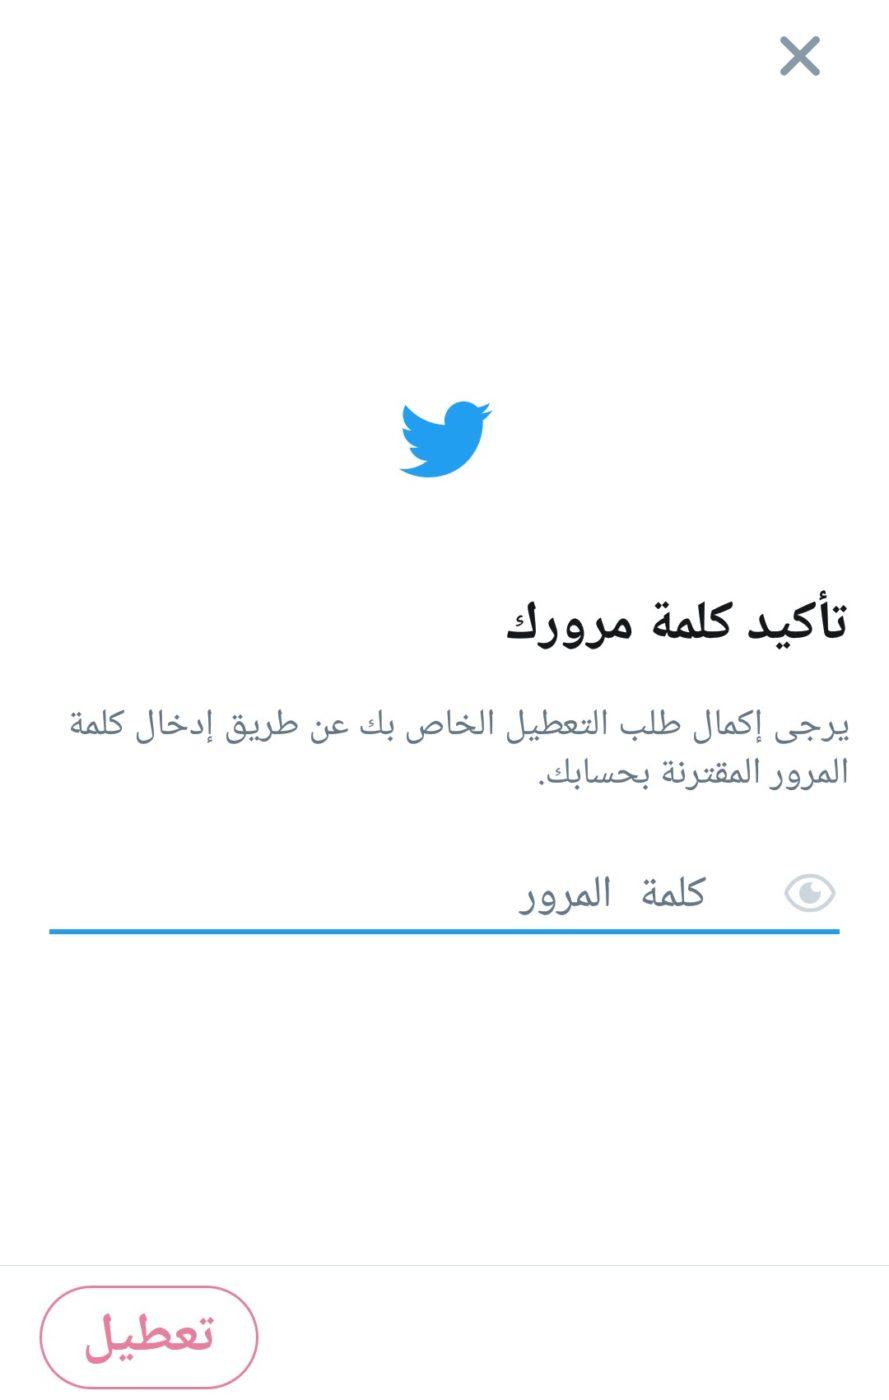 -حساب-تويتر-2 كيفية حذف حساب تويتر نهائيا بالصور شروحات